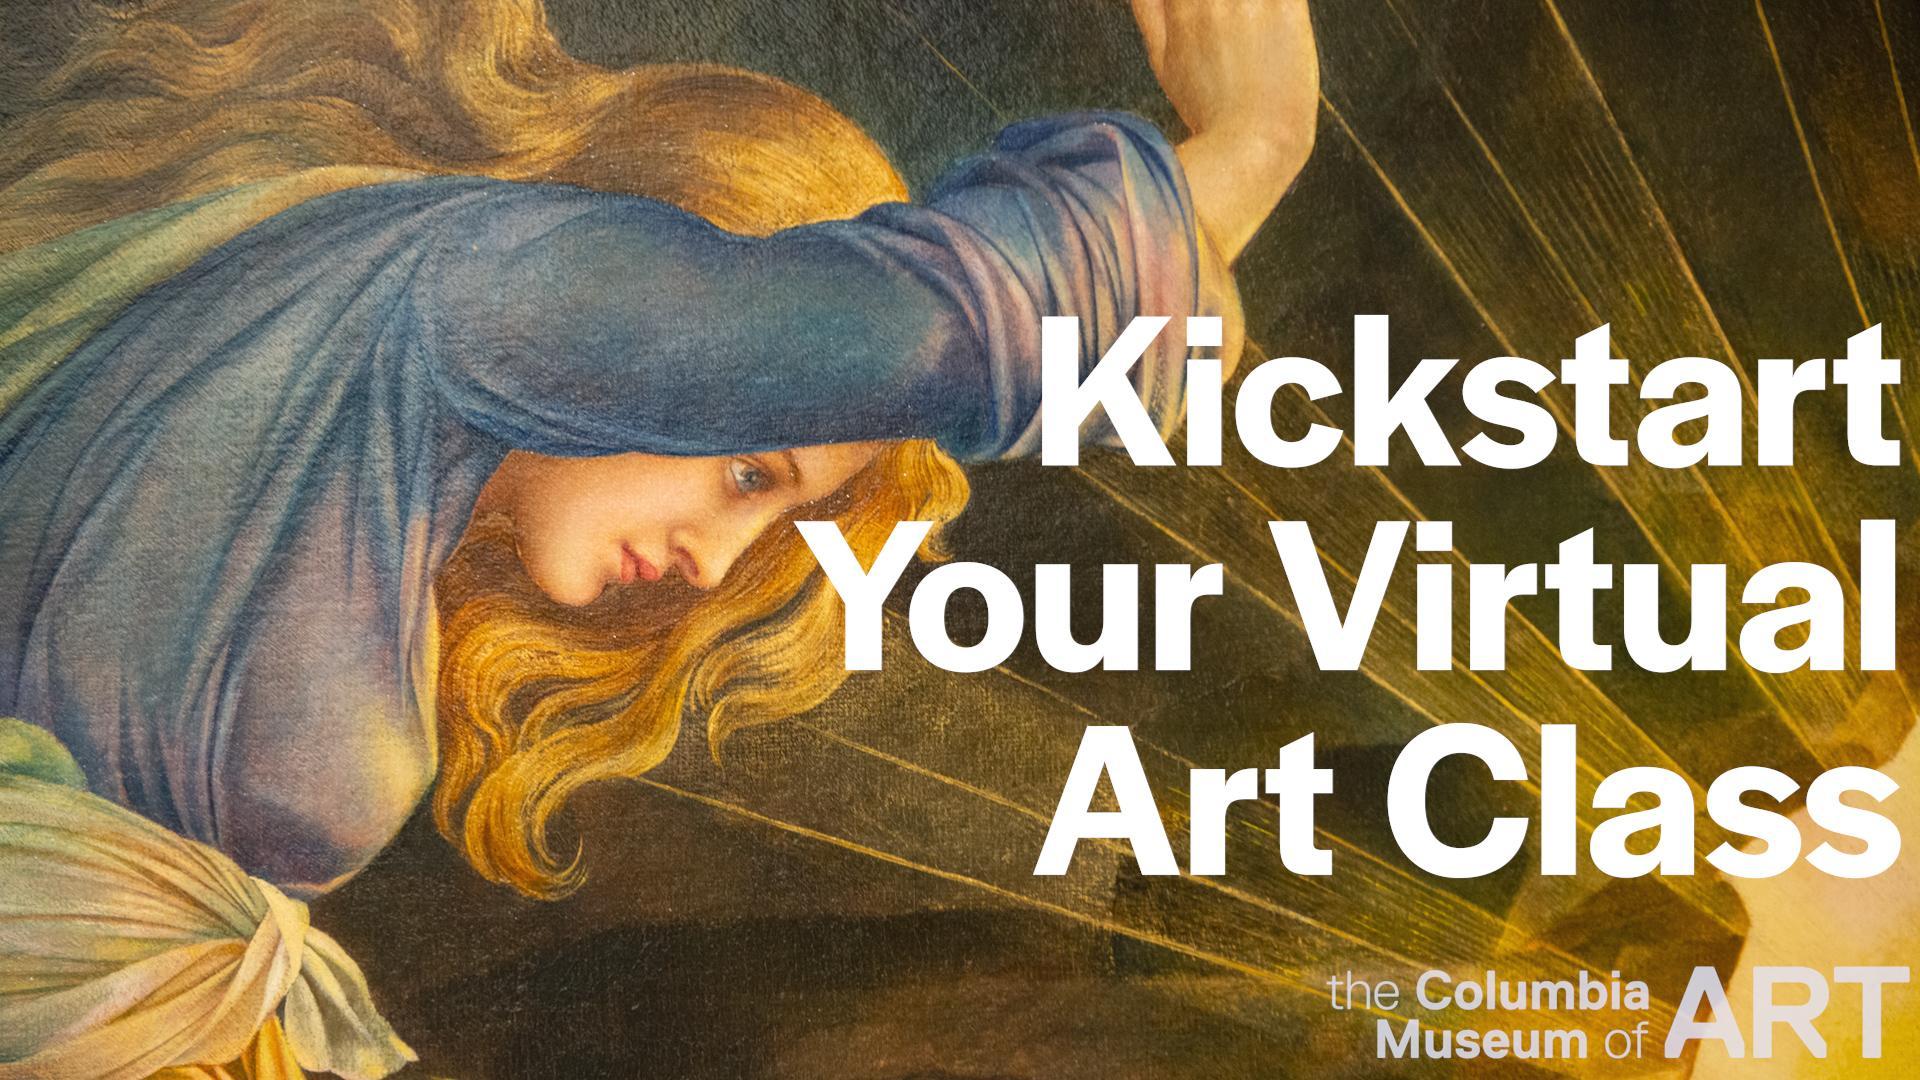 Kickstart Your Virtual Art Class